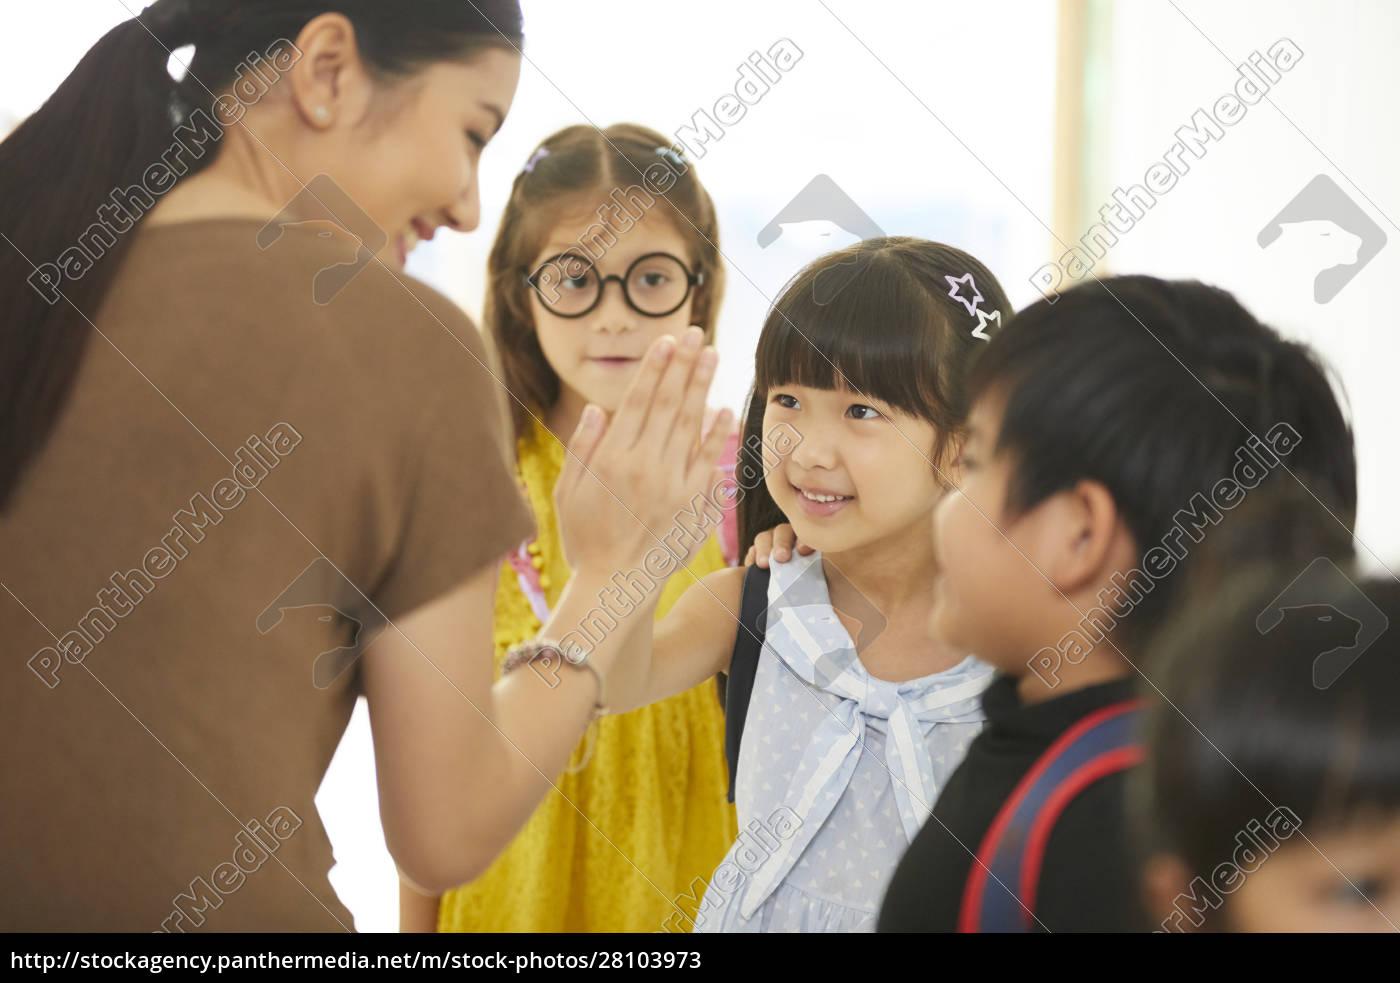 Życie, szkolne, dla, dzieci, w, wieku - 28103973